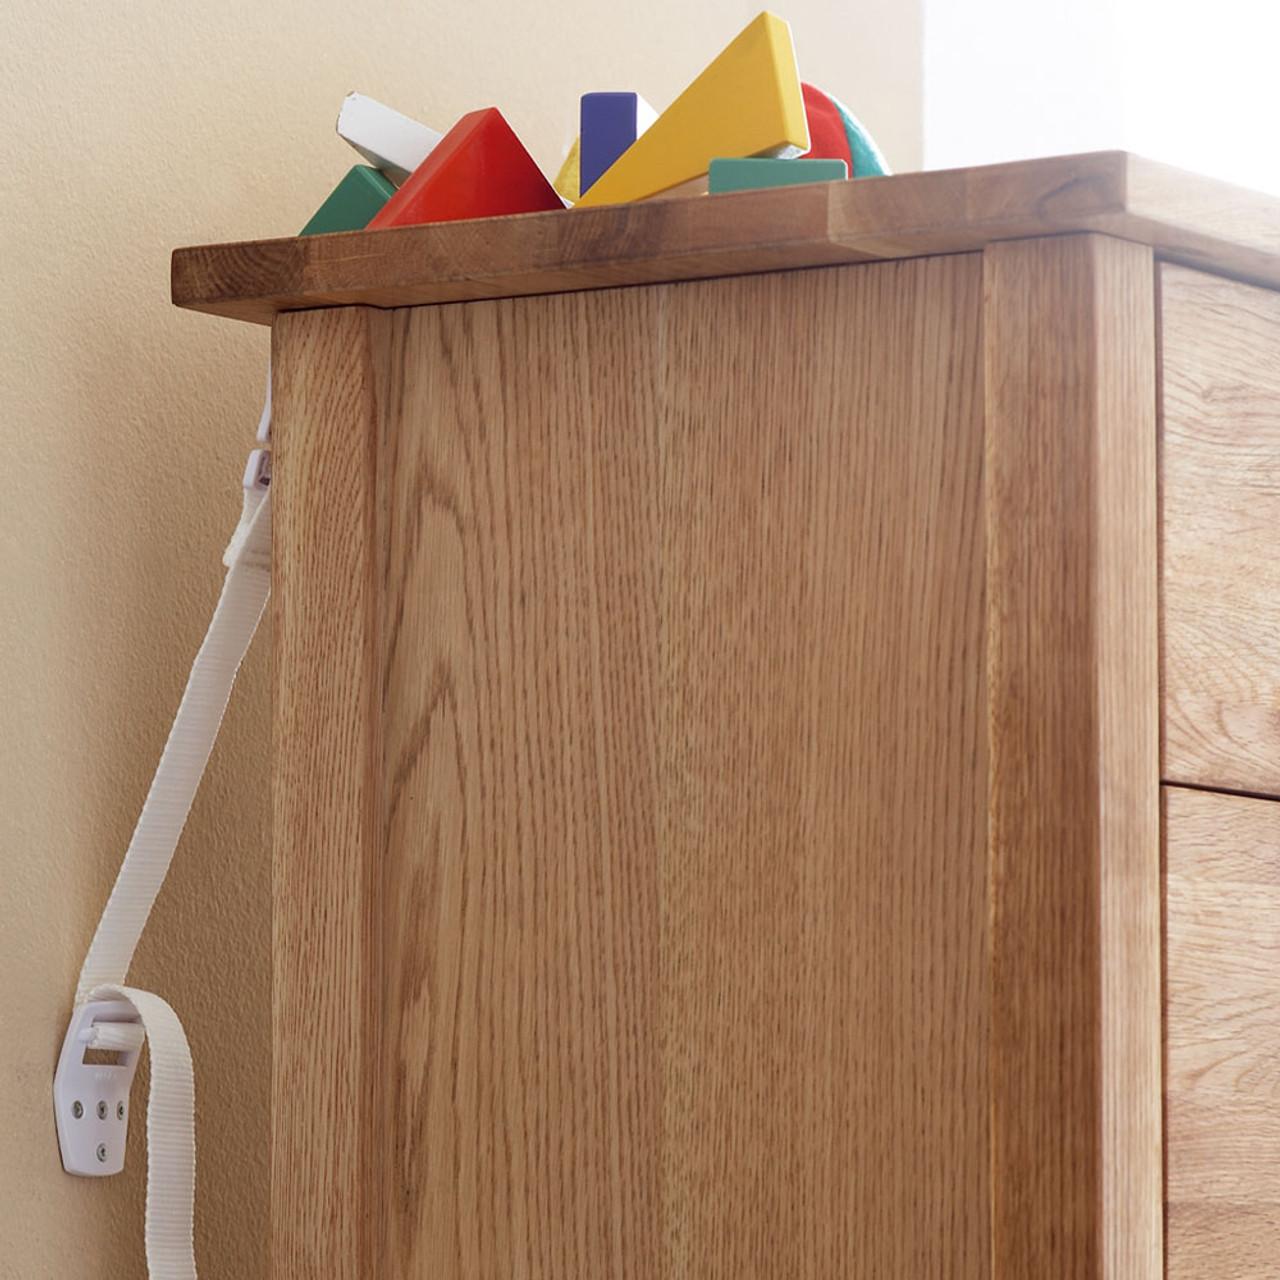 Babydan Furniture Straps 2 S Babysafety Ie